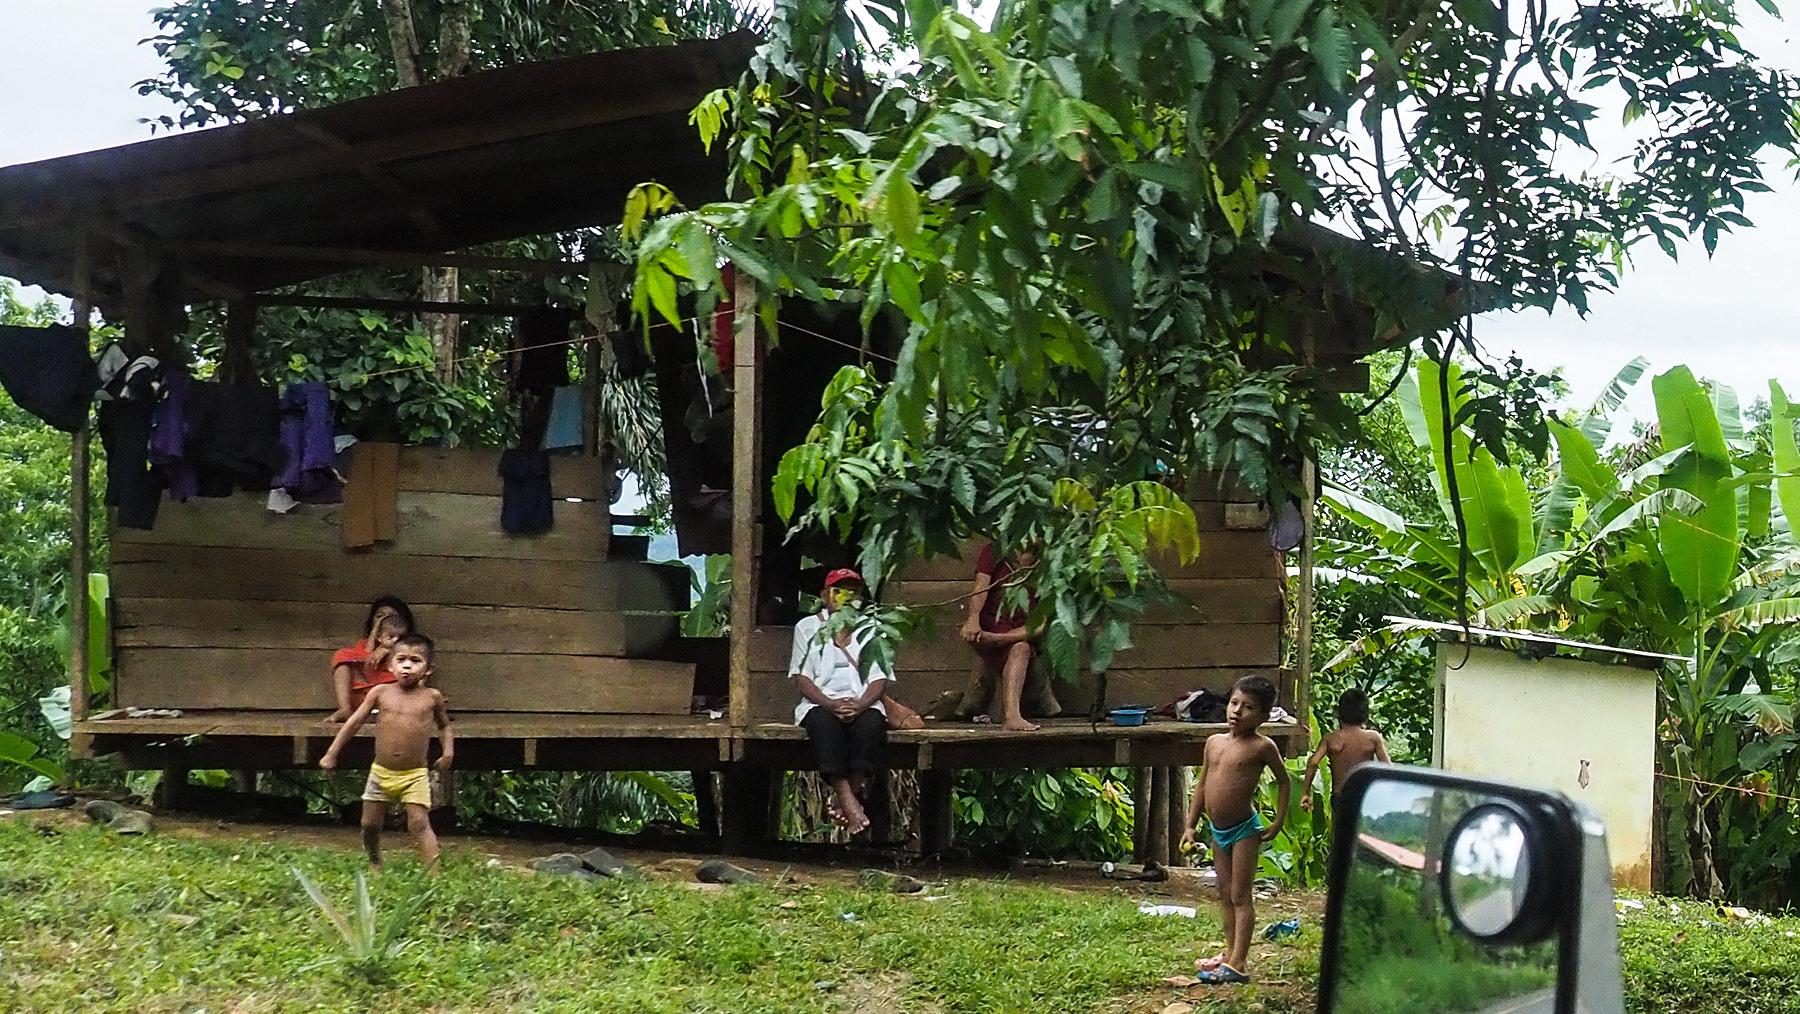 ... vorbei an Siedlungen der indigenen Bevölkerung...